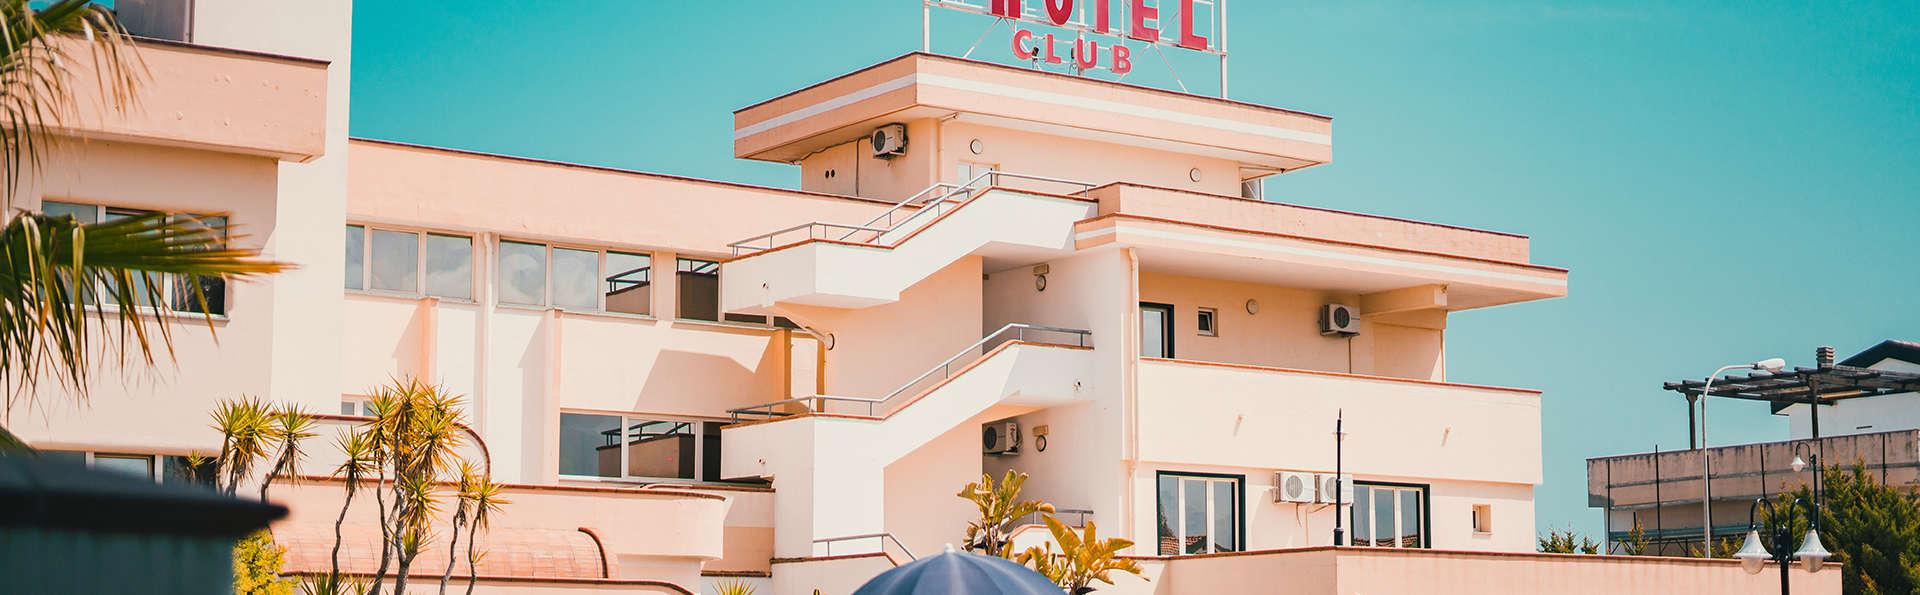 Apulia Hotel Corigliano Calabro 4* - Corigliano Calabro ...